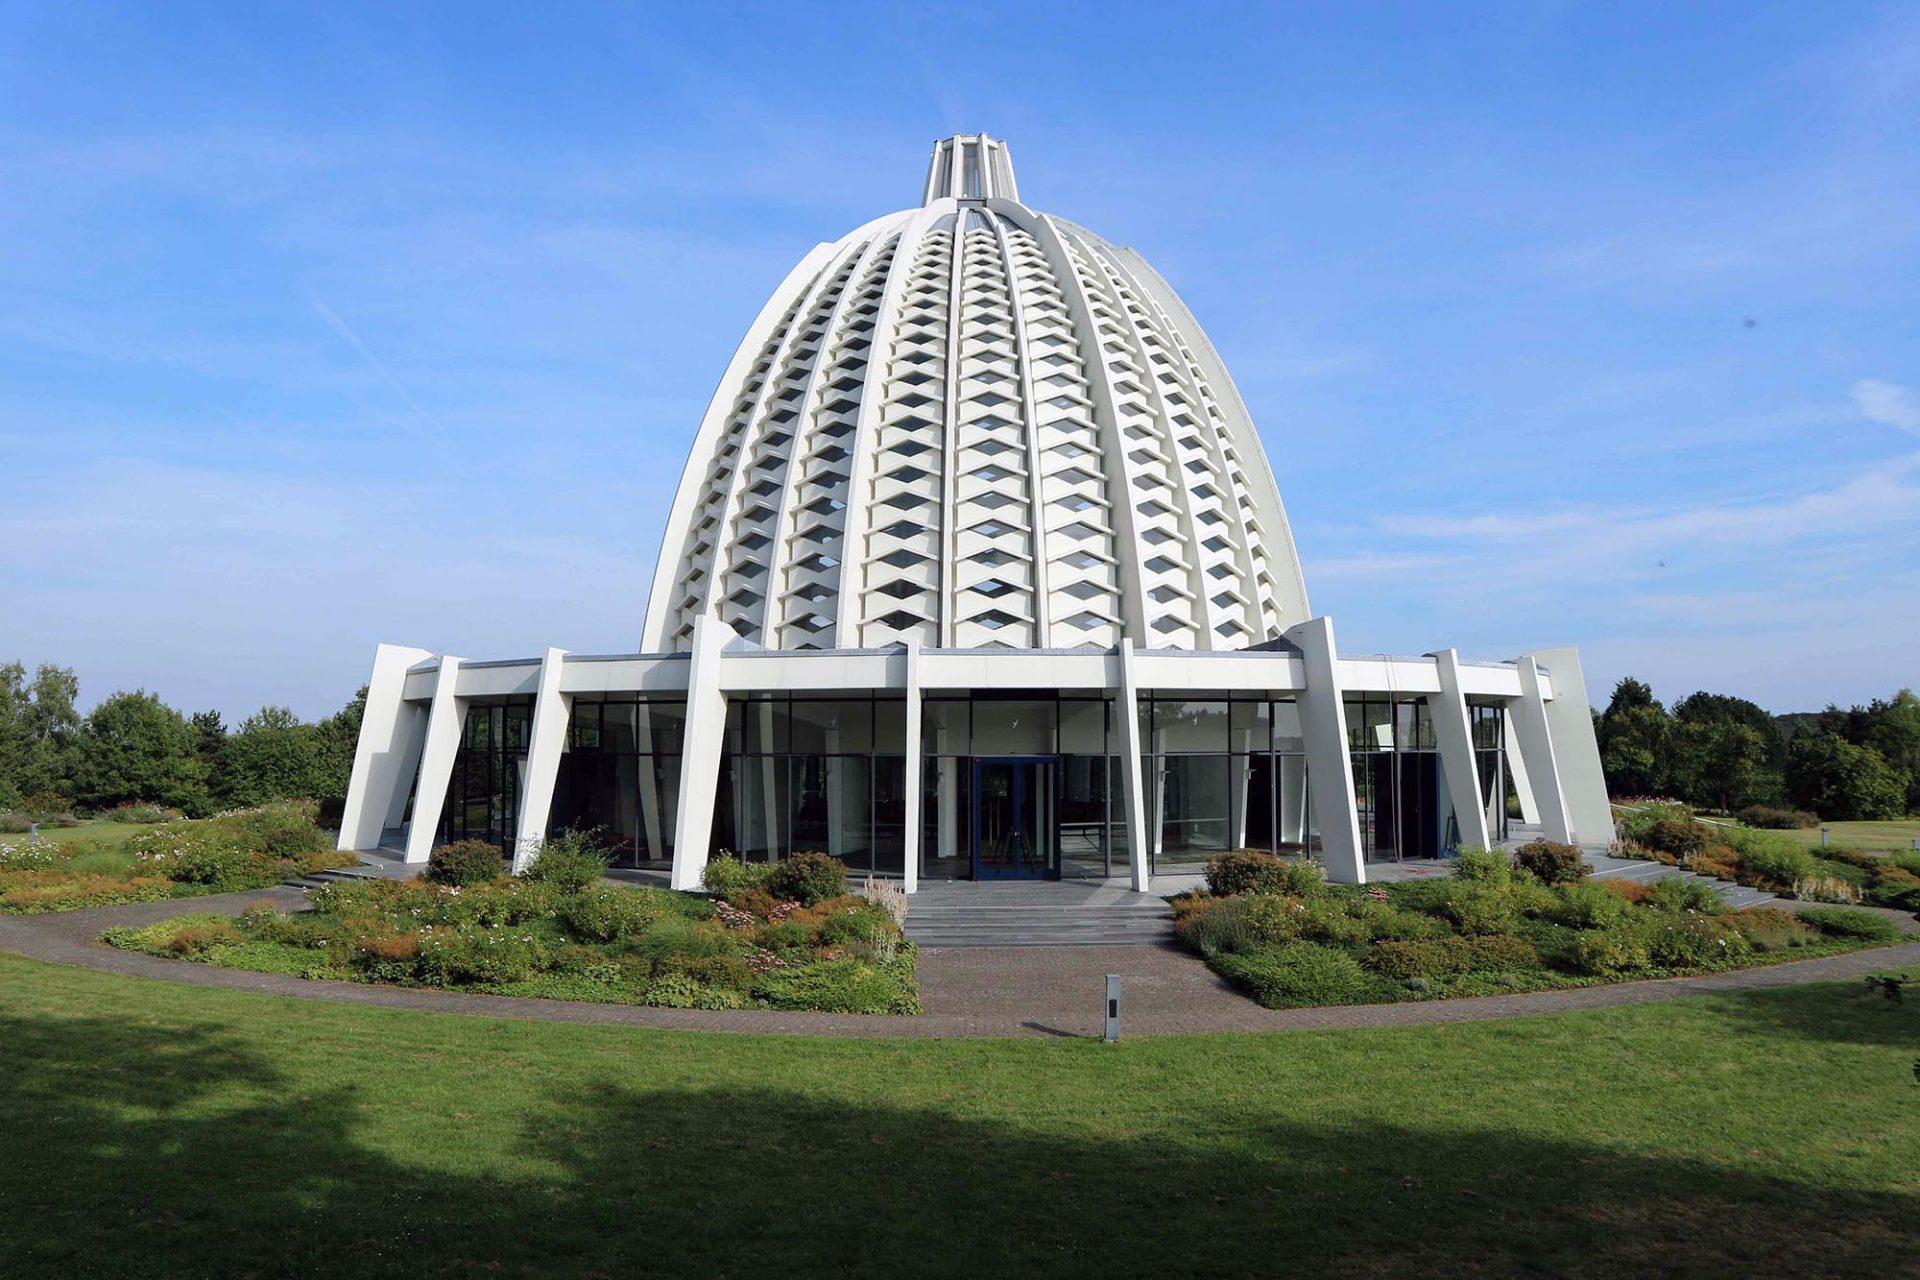 Haus der Andacht. Dreimal neun Pfeiler tragen die Kuppel und begrenzen den Innenraum.